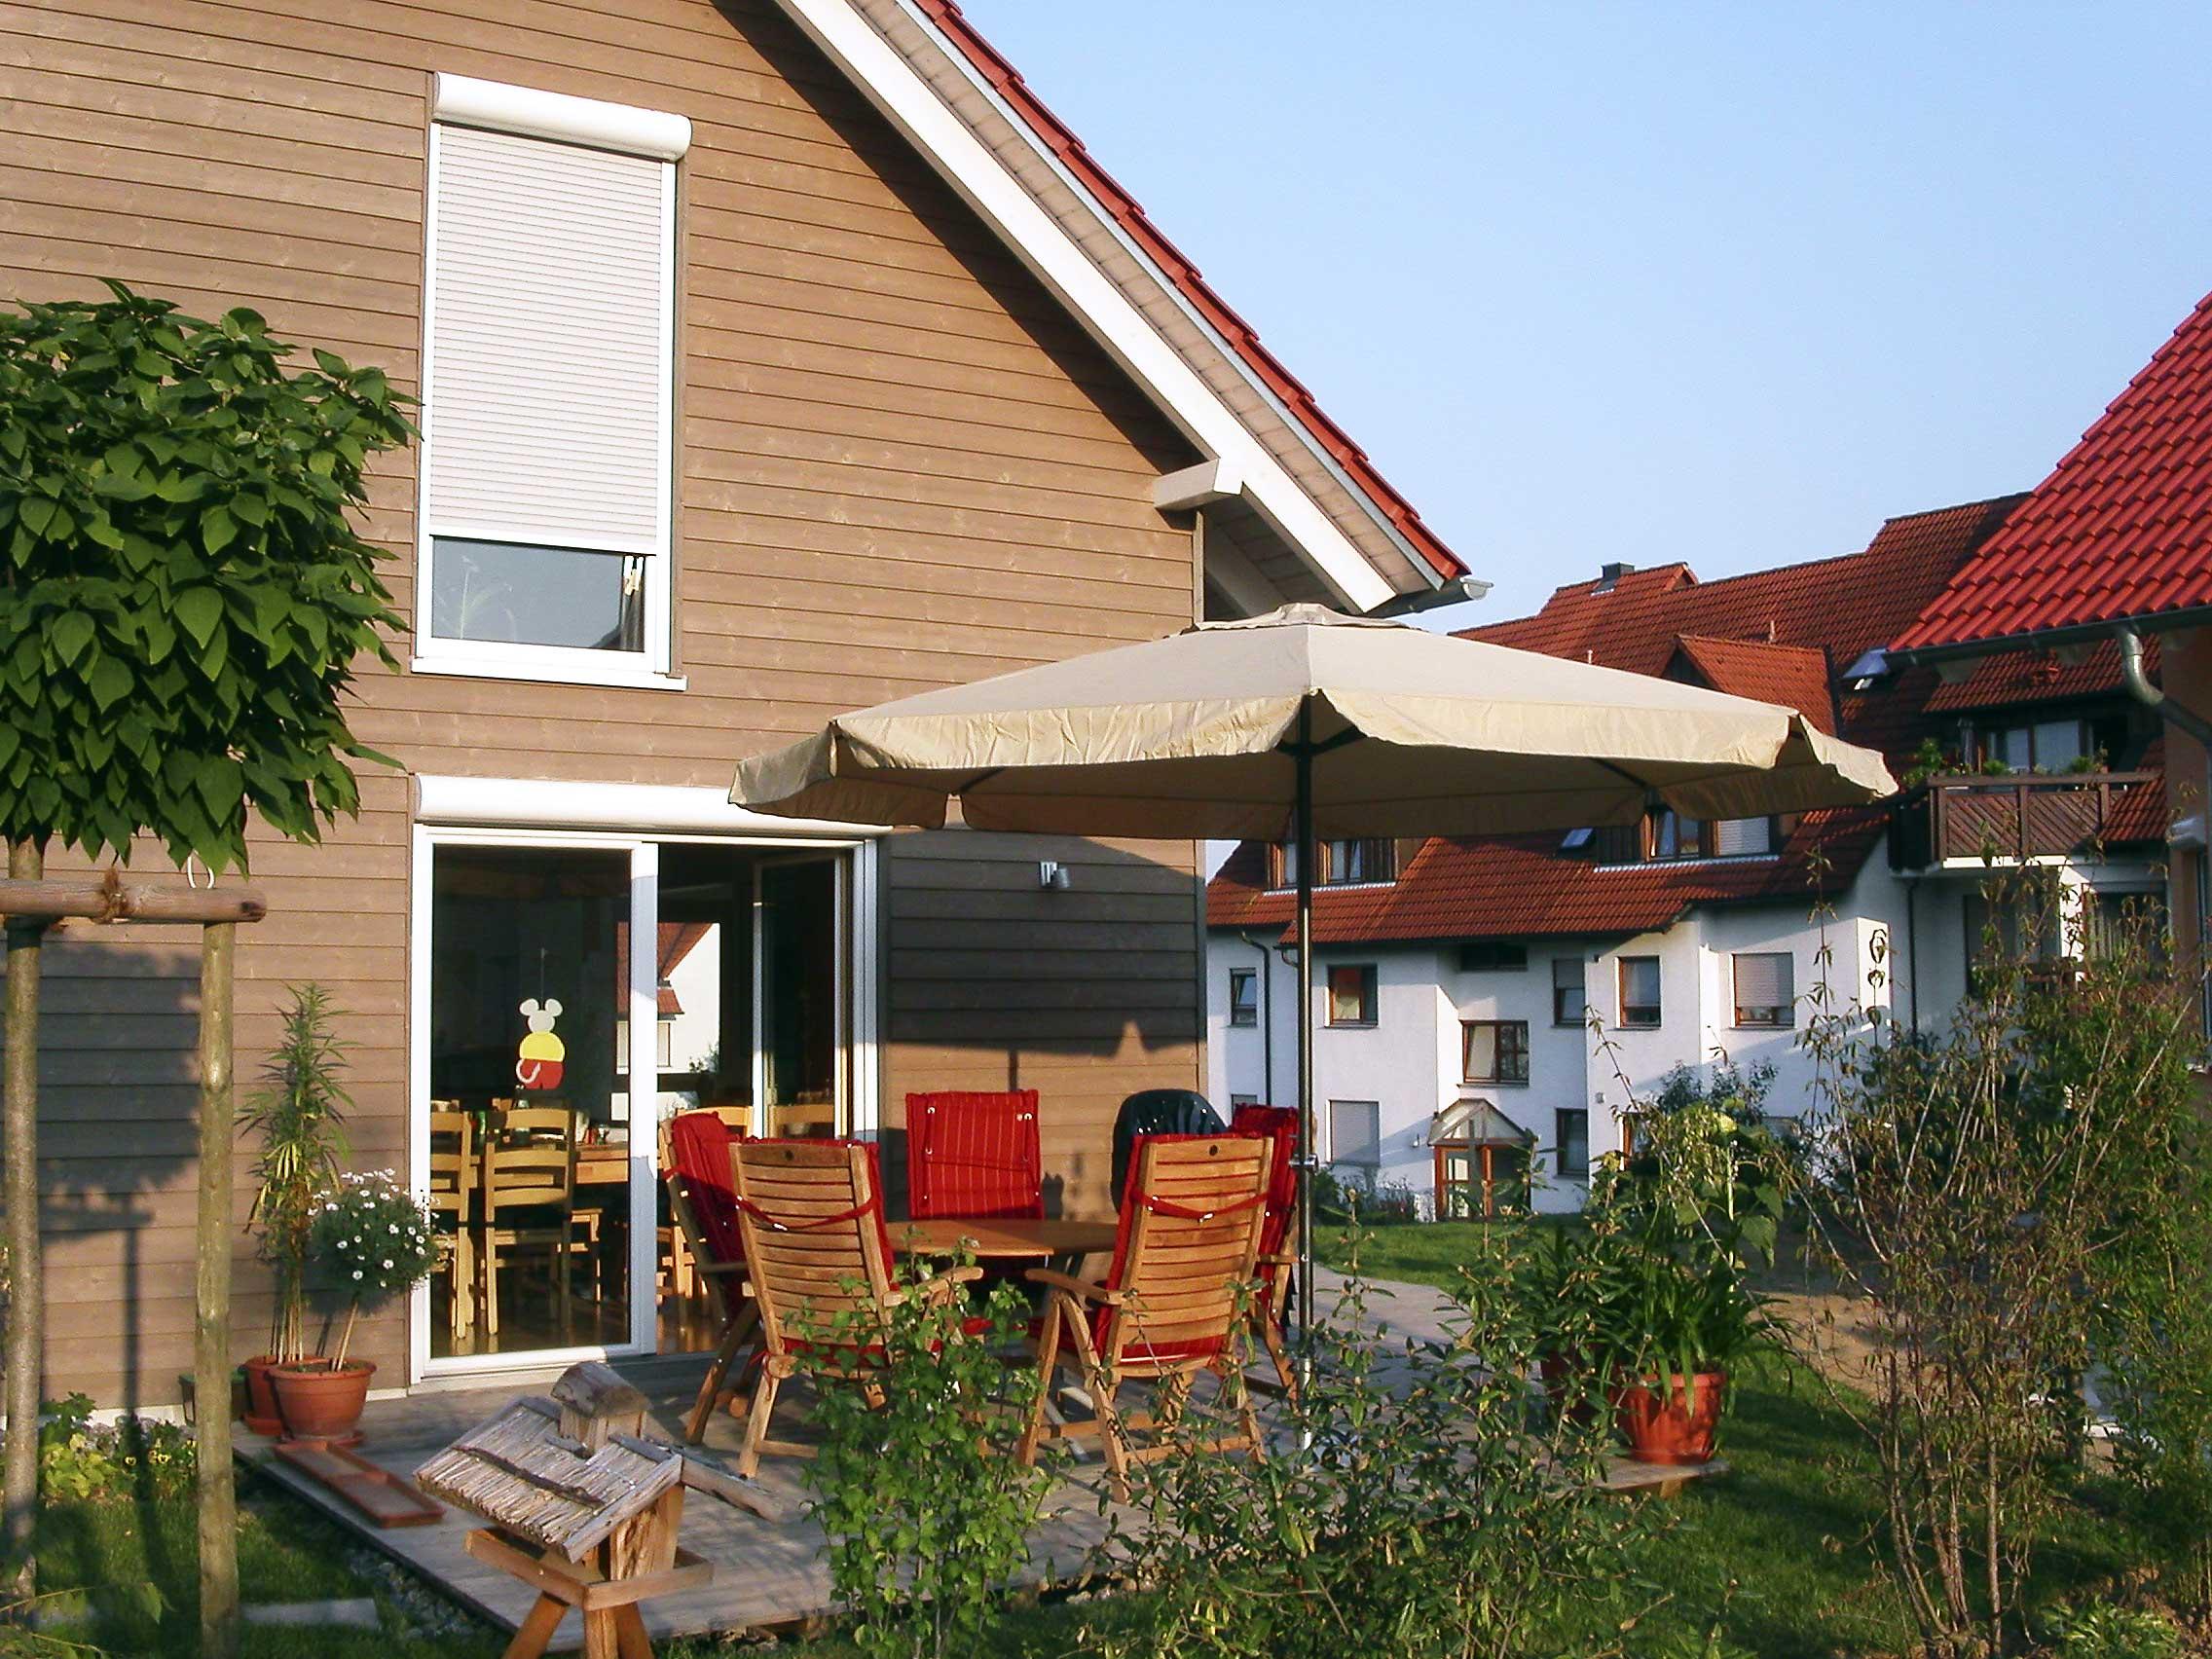 ... gr?nes wohnzimmer ludwigsburg : Die Terrasse der Familie Decker kurz